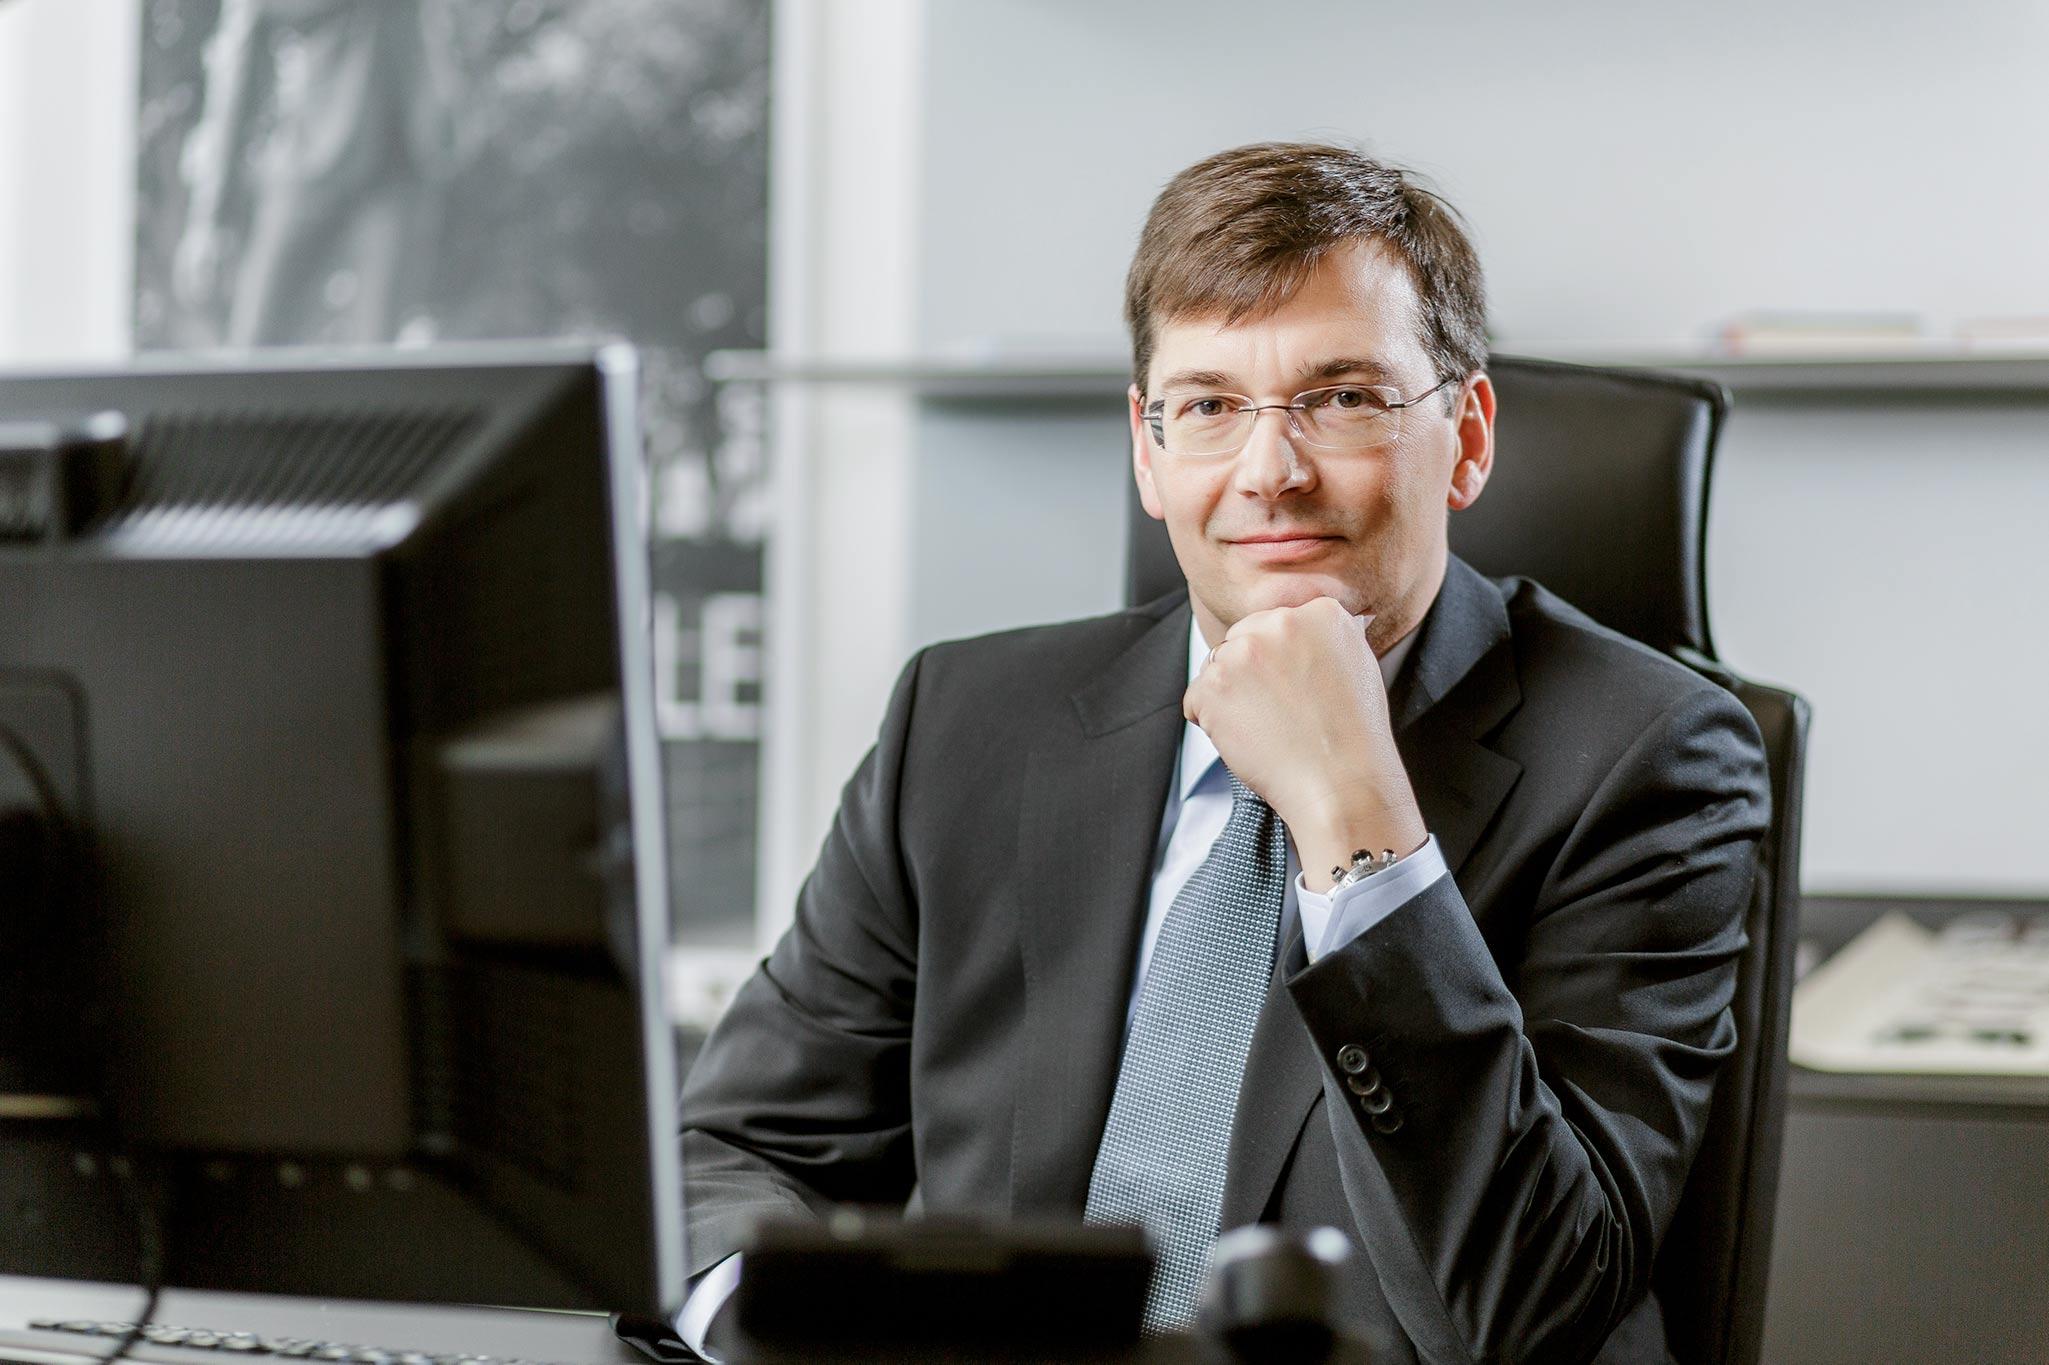 Markus Schneeberger Businessfotografie - businessportrait 3 - Portraits